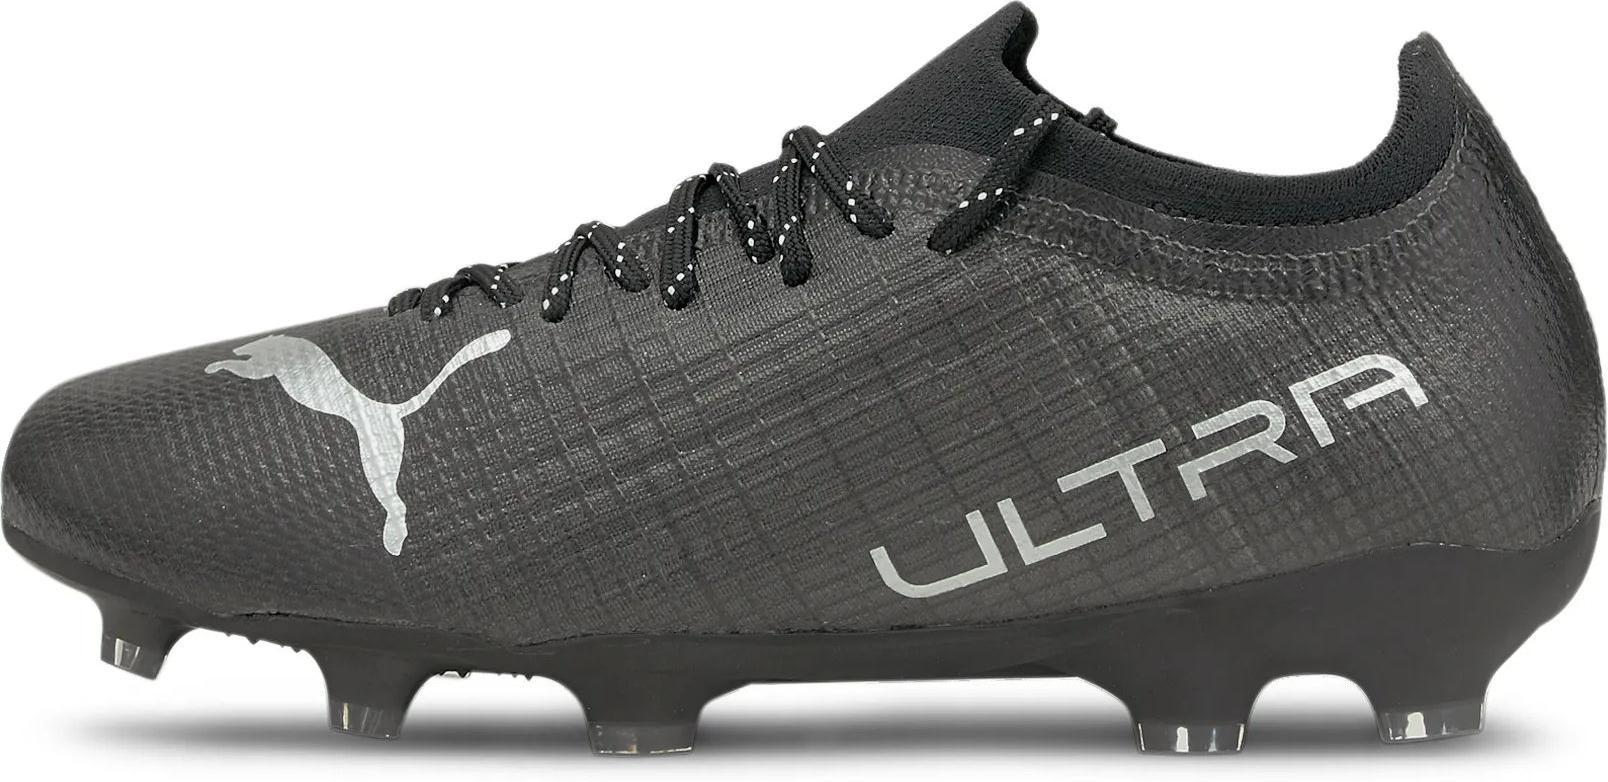 Kopačky Puma ULTRA 2.3 FG/AG Jr černá